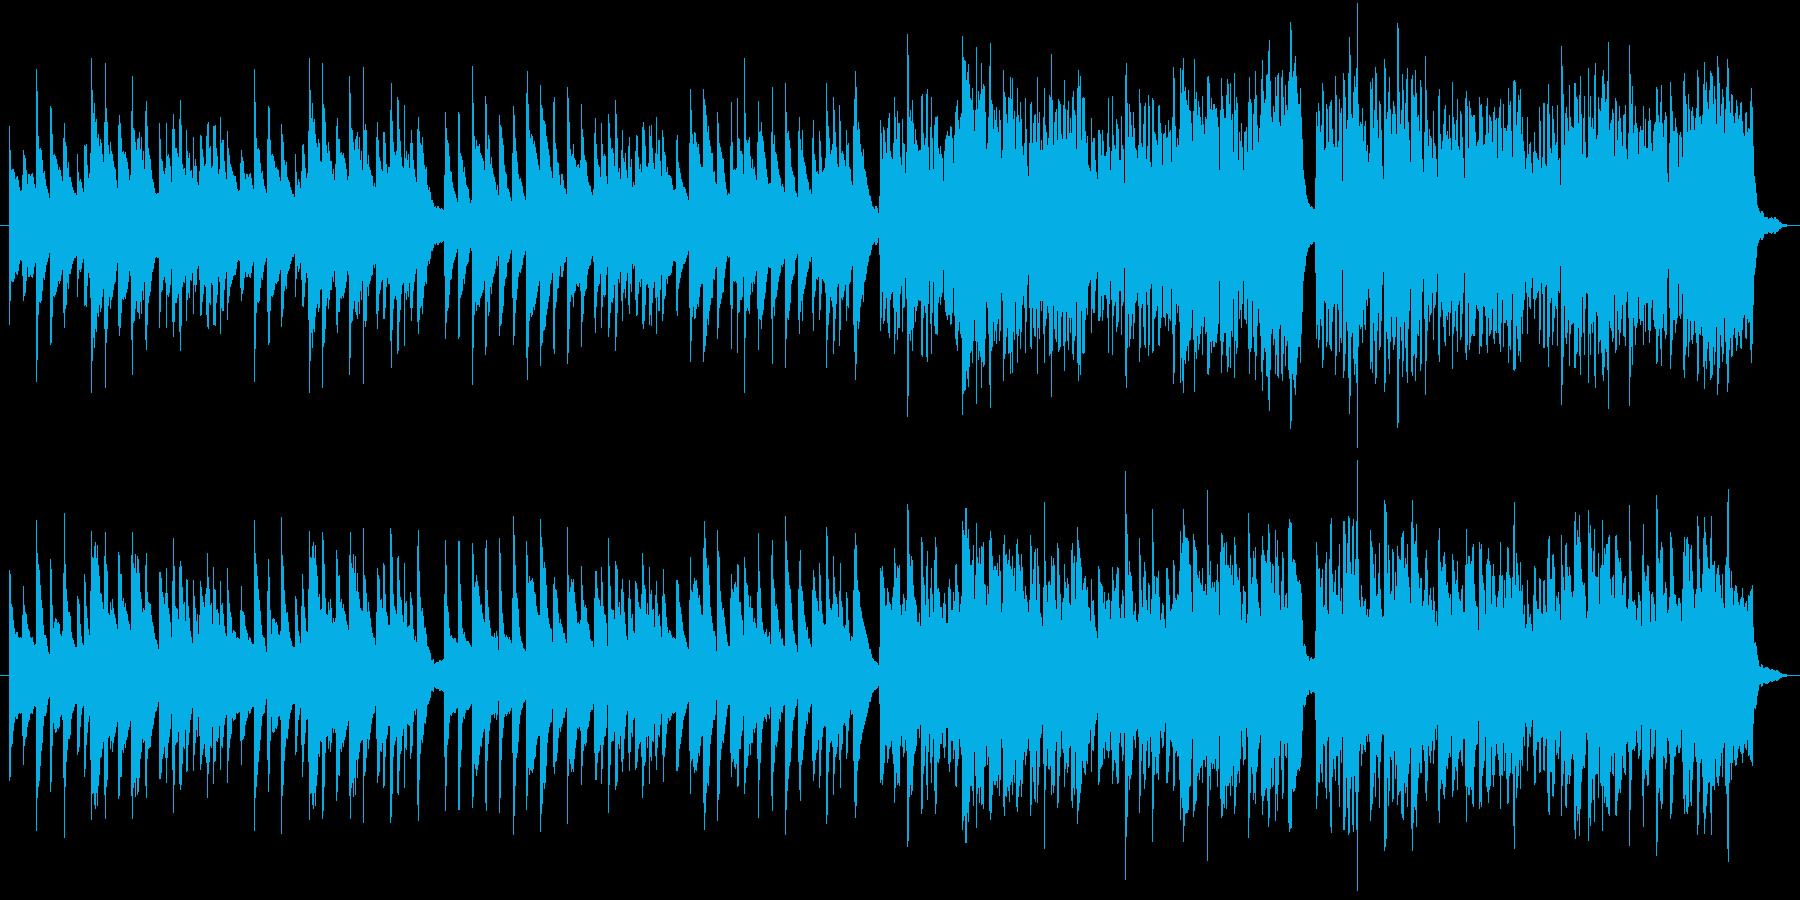 お正月の歌「一月一日」琴バージョンの再生済みの波形